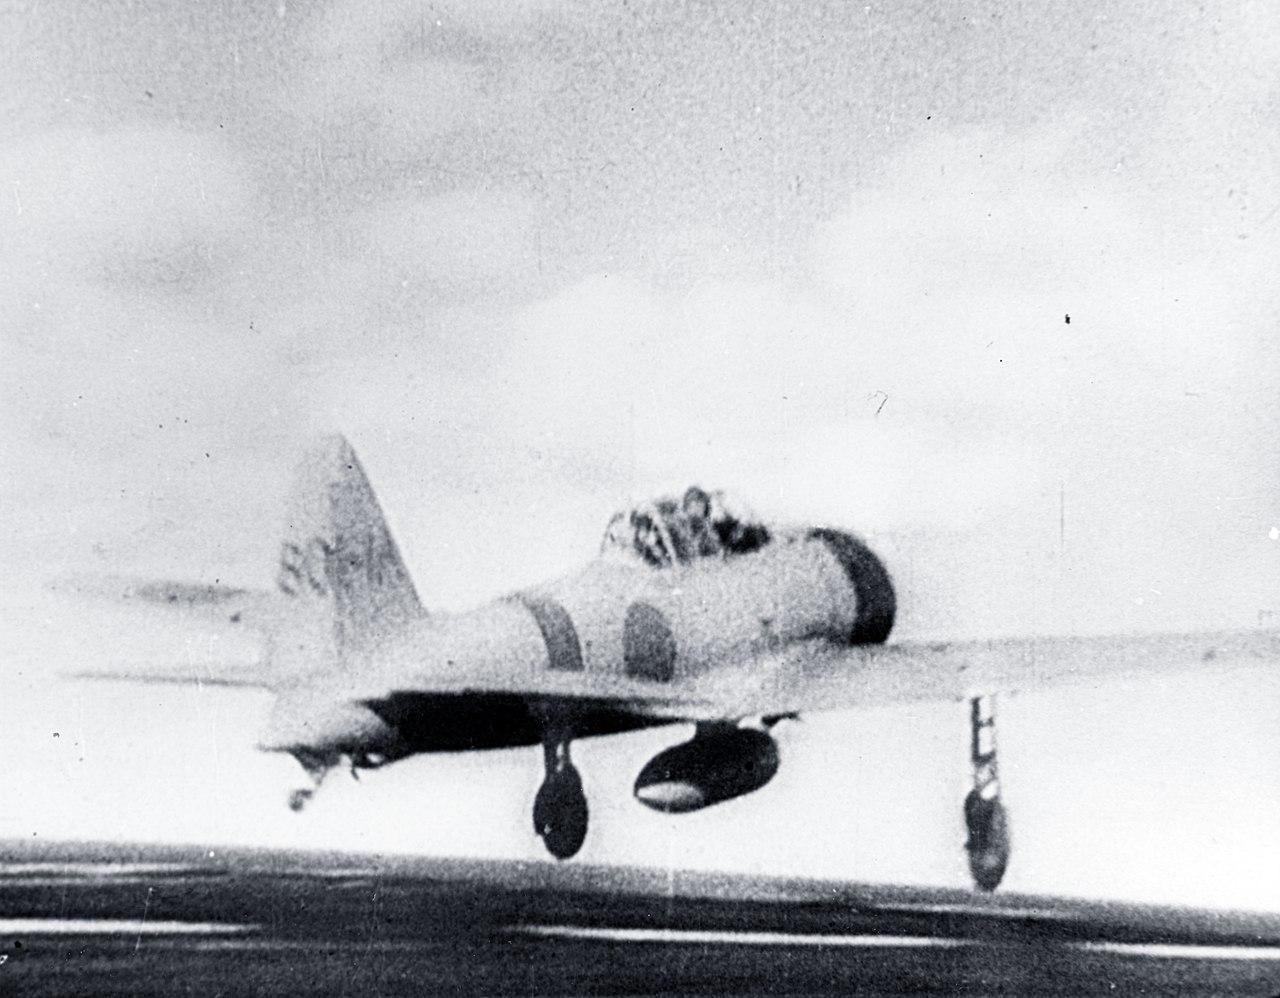 """Eine japanisches Kampfflugzeug startet vom Flugzeugträger """"Akgi"""", um Pearl Harbor anzugreifen. Die Japaner konnten sich unbemerkt melden. Zwar hatten die amerikanischen Streitkräfte Anzeichen eines Angriffs bemerkt, vermuteten diesen allerdings in anderen Bereichen des Pazifiks. Zudem unterschätzten die USA die Reichweite der japanischen Luftwaffe."""